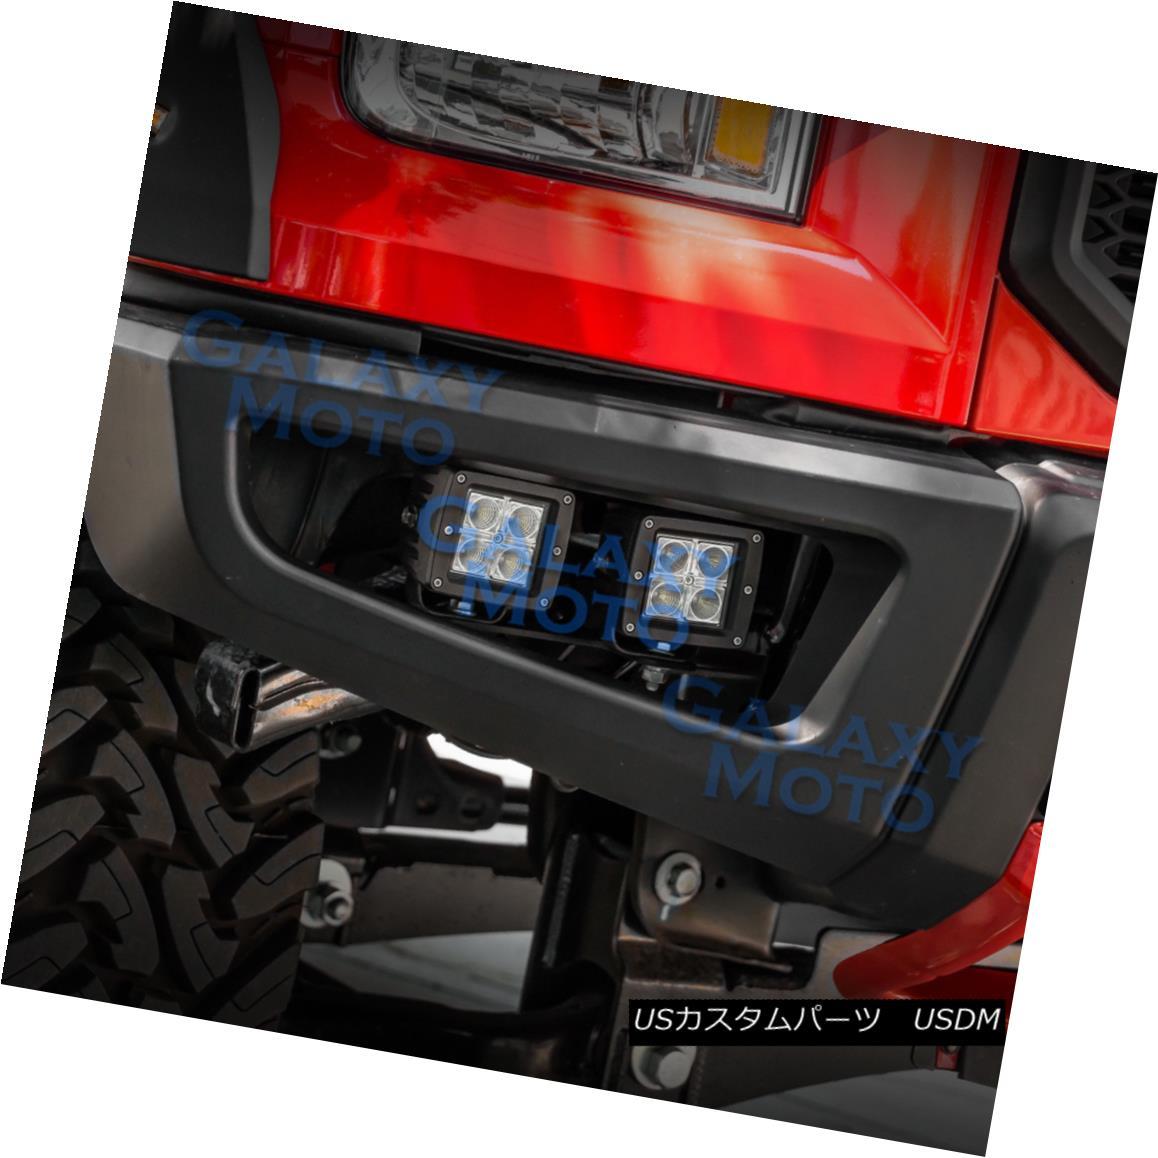 グリル LED Light Mounting Bracket for 15-17 F150 Razer Raptor Conversion Bumper 15-17 F150用Razer Raptor変換バンパーのLEDライト取り付けブラケット